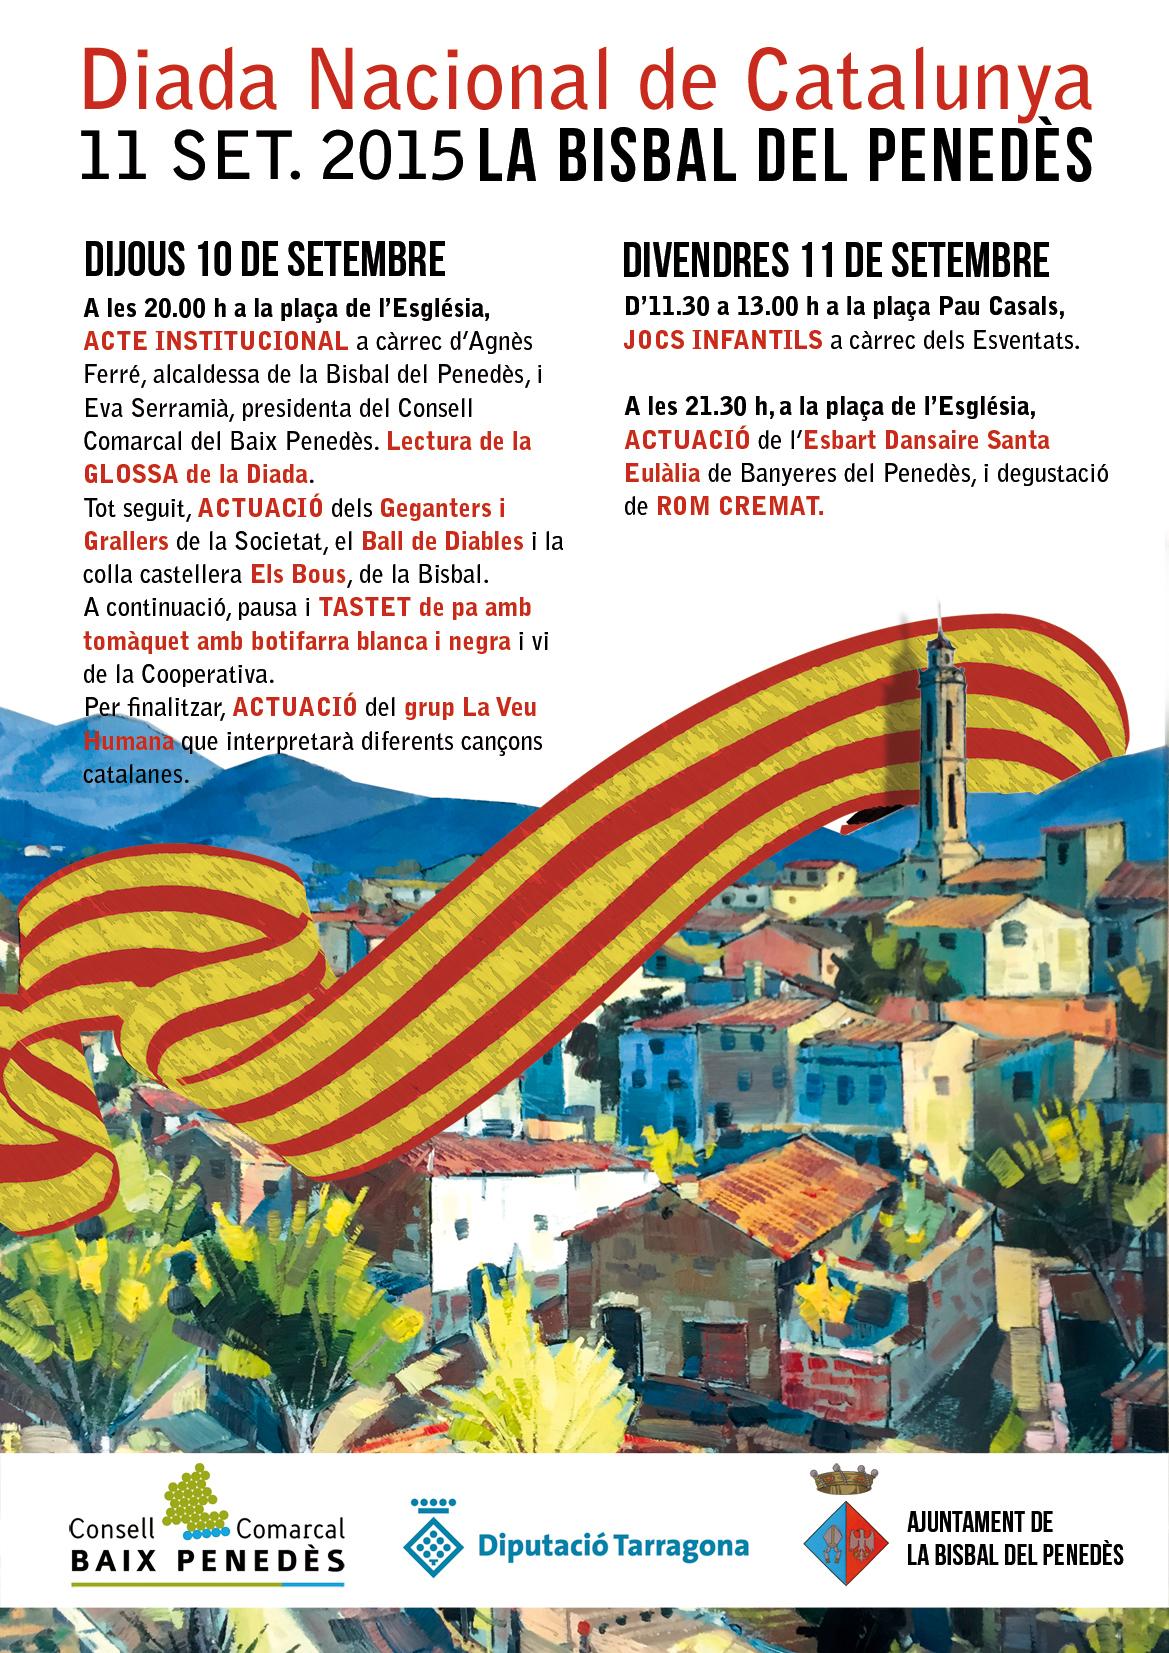 Diada Nacional de Catalunya, actes